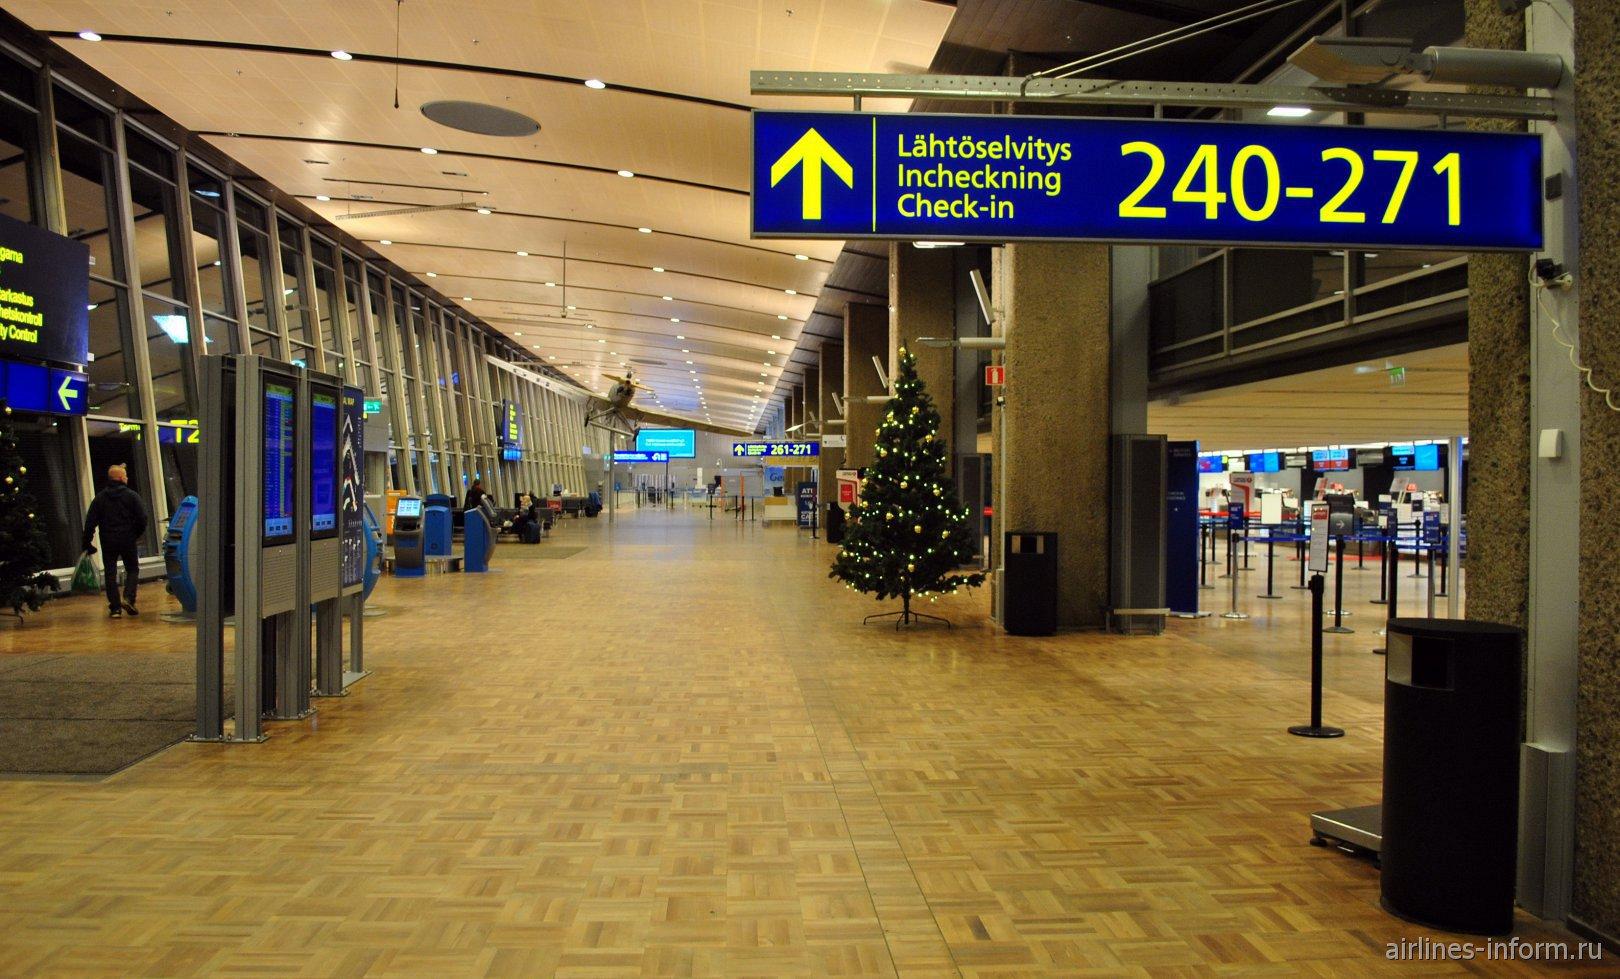 Сектор 2В терминала Т2 аэропорта Хельсинки Вантаа